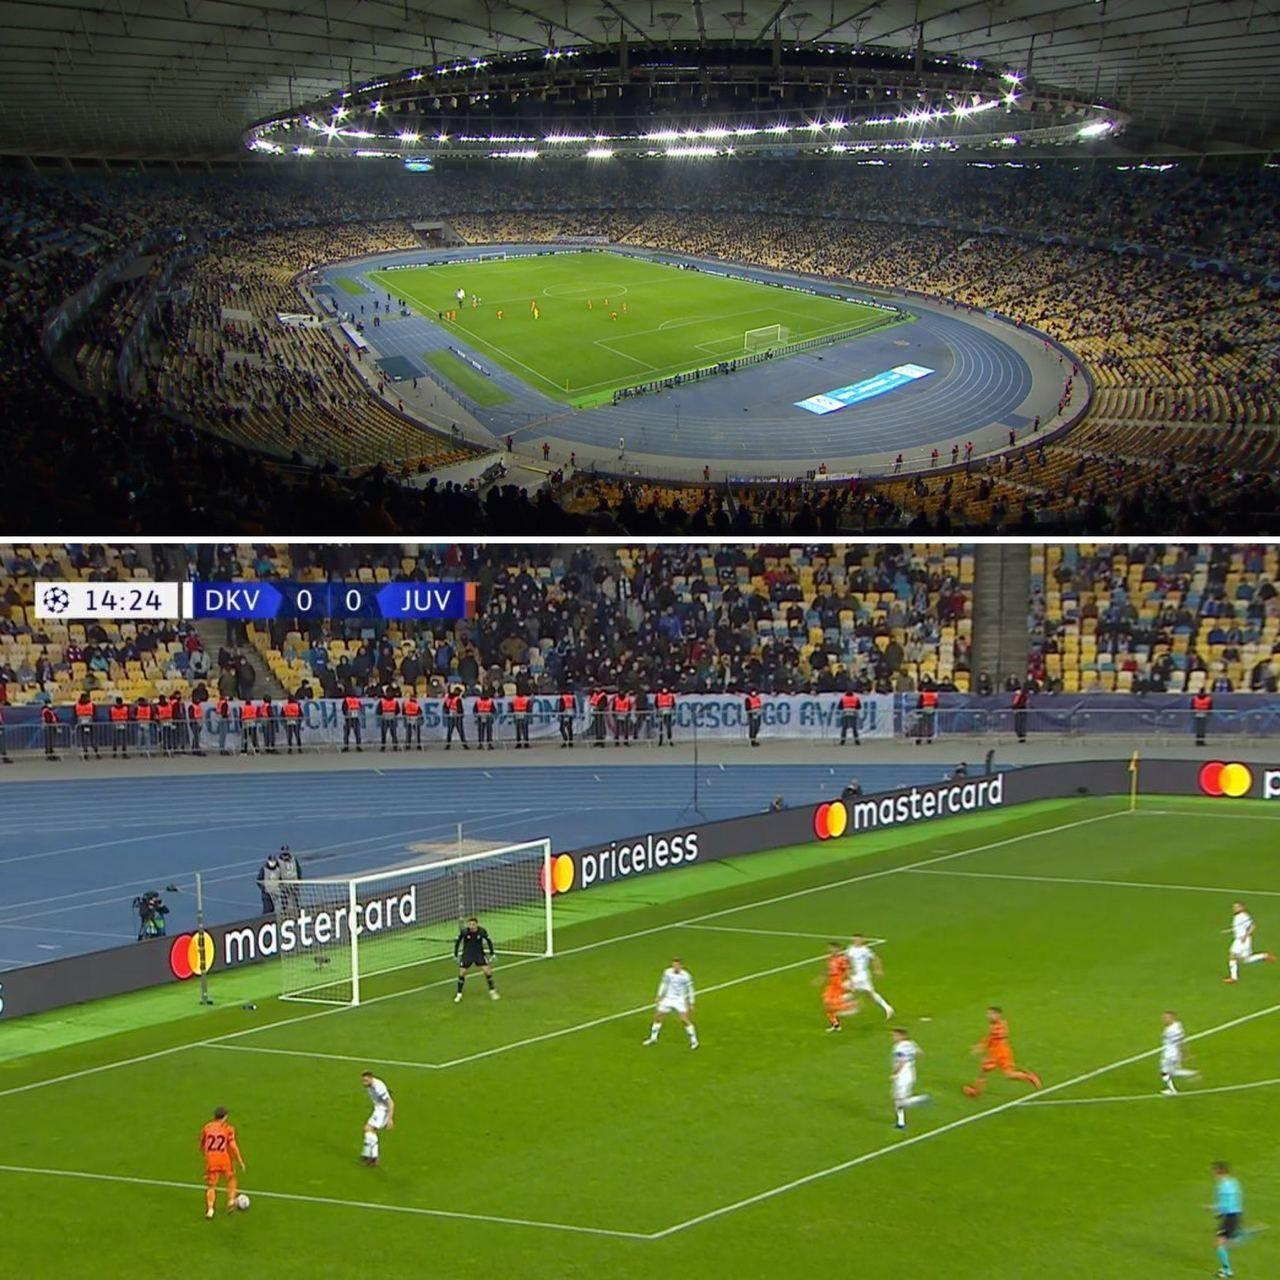 Про соціальну дистанцію забули. Матч Динамо і Ювентуса зібрав 15 тис. глядачів